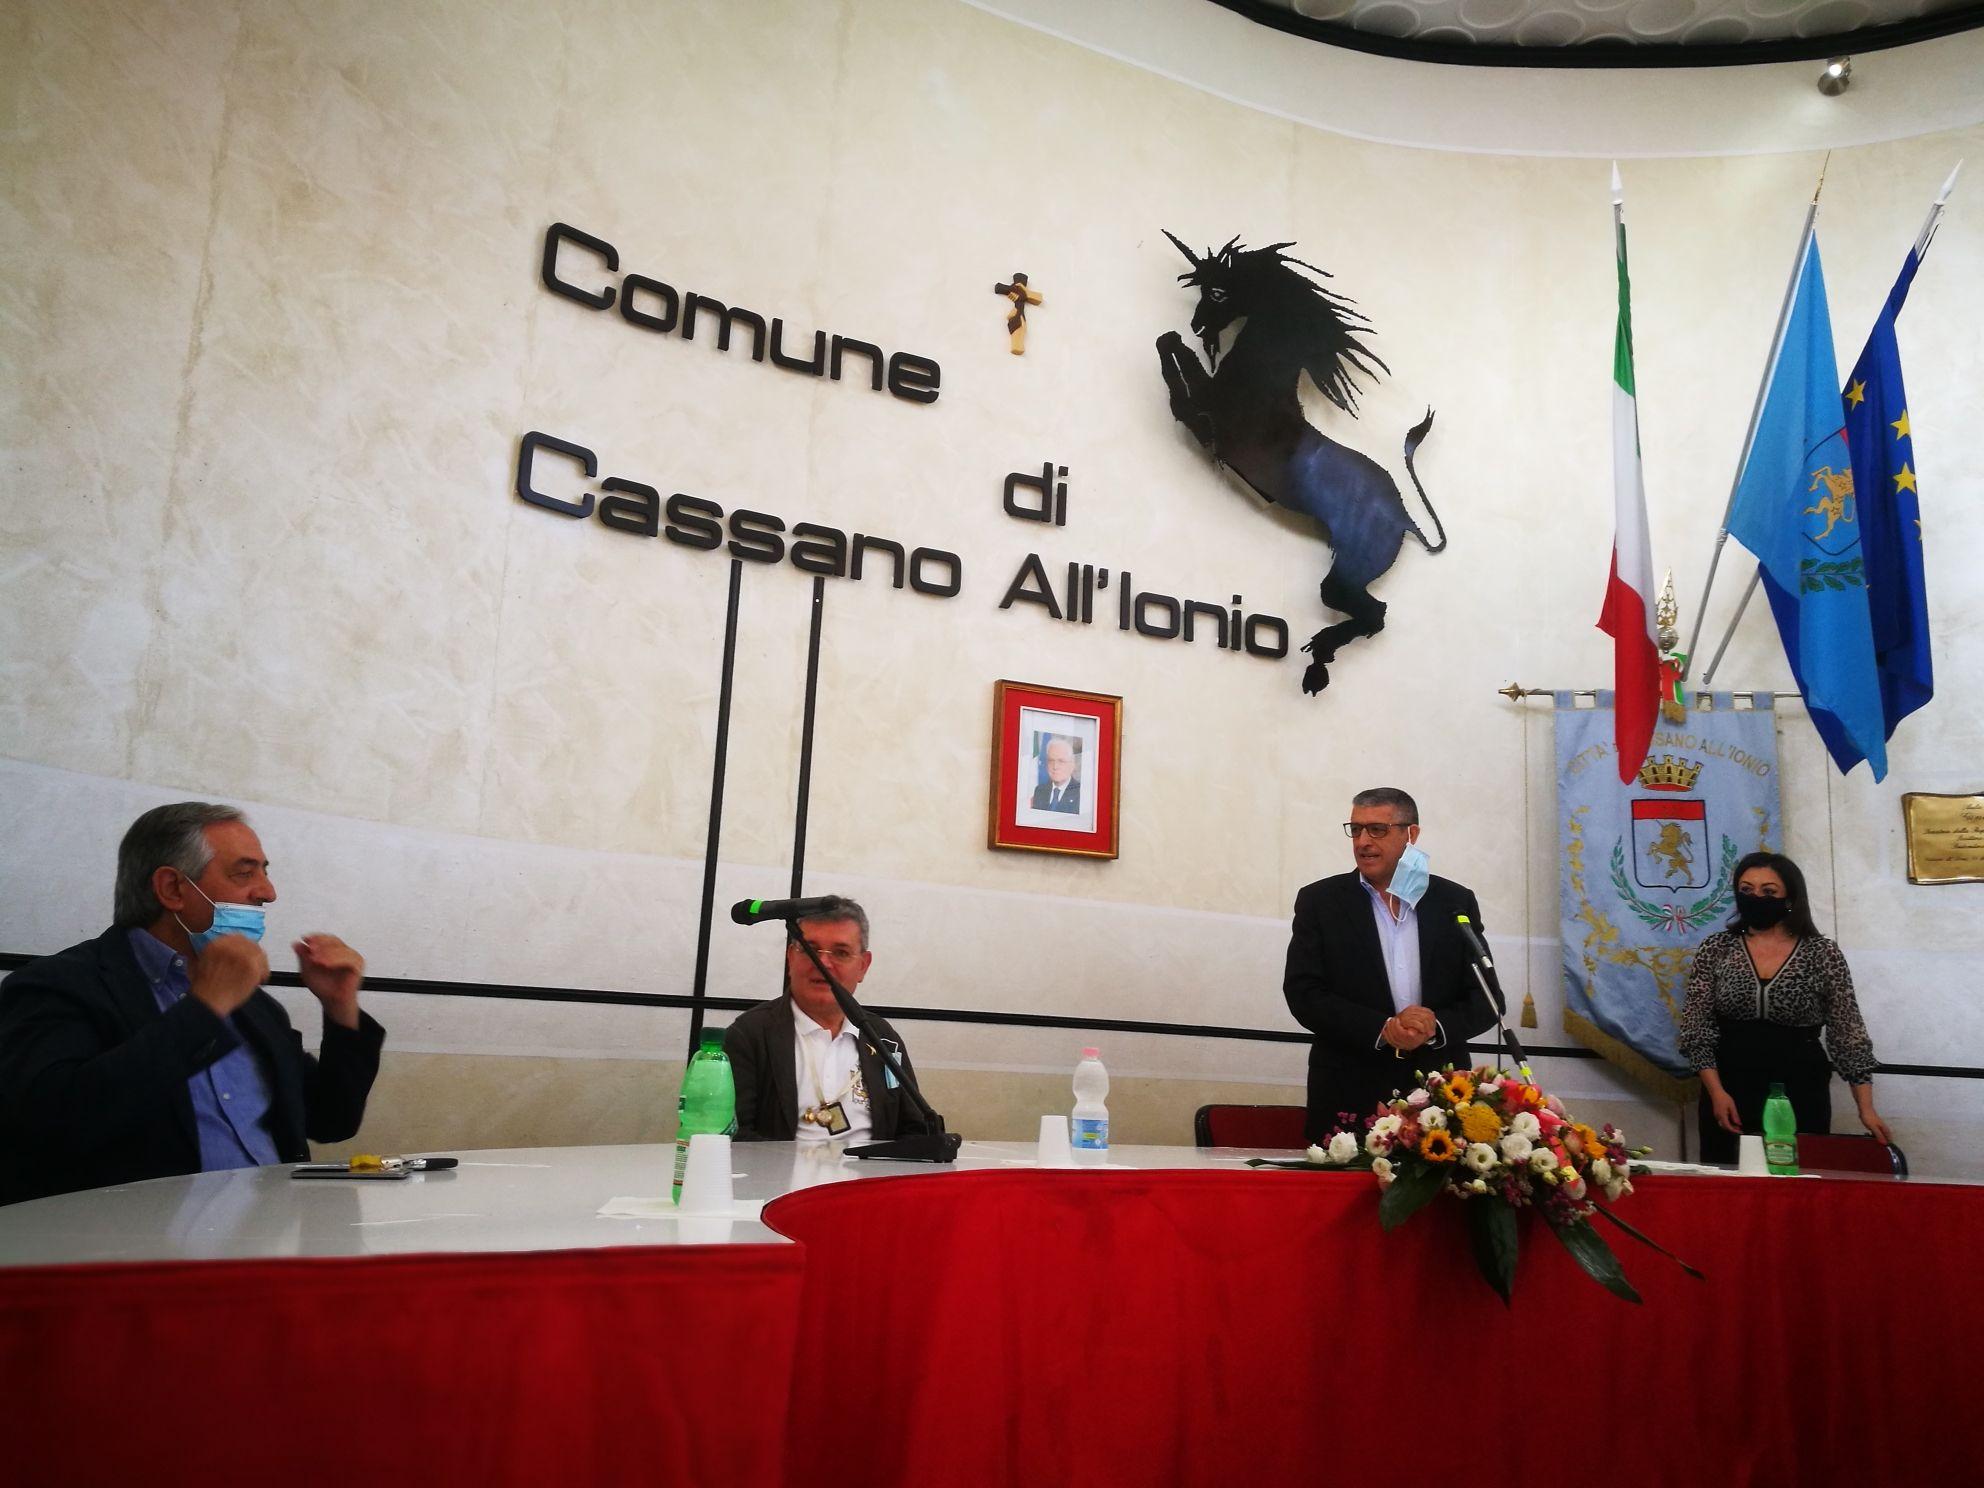 Cassano Visita Del Vice Presidente Della Giunta Regionale Spirli Informazione E Comunicazione